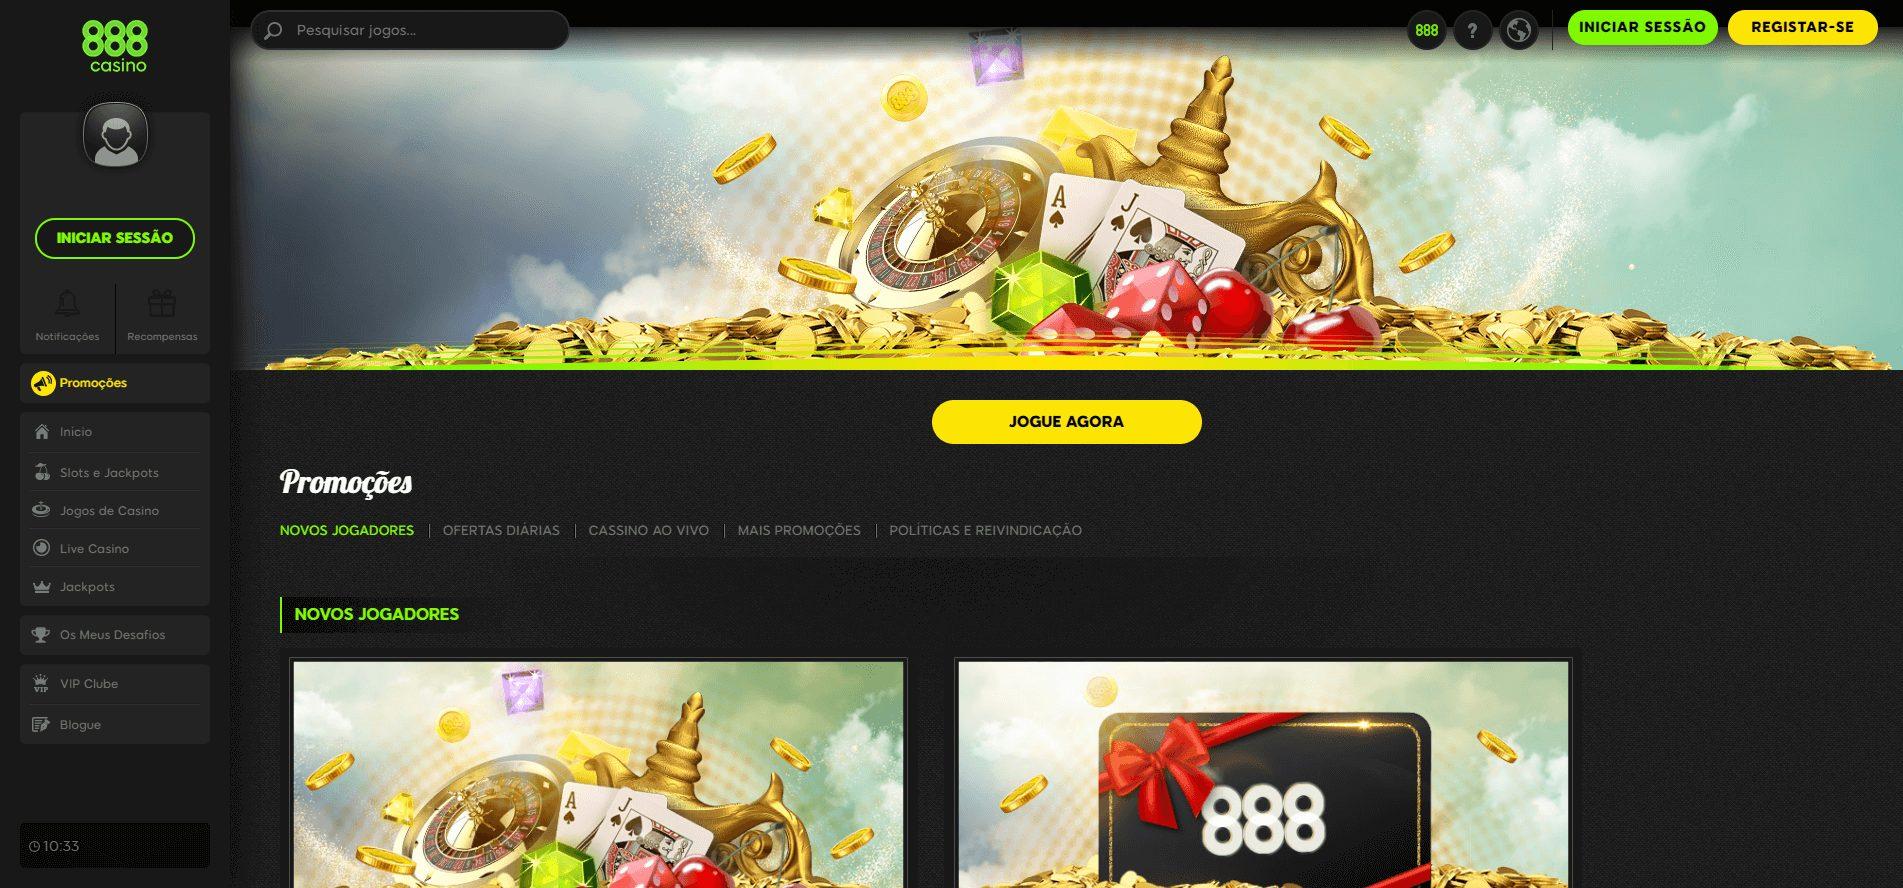 promoções diárias no 888casino